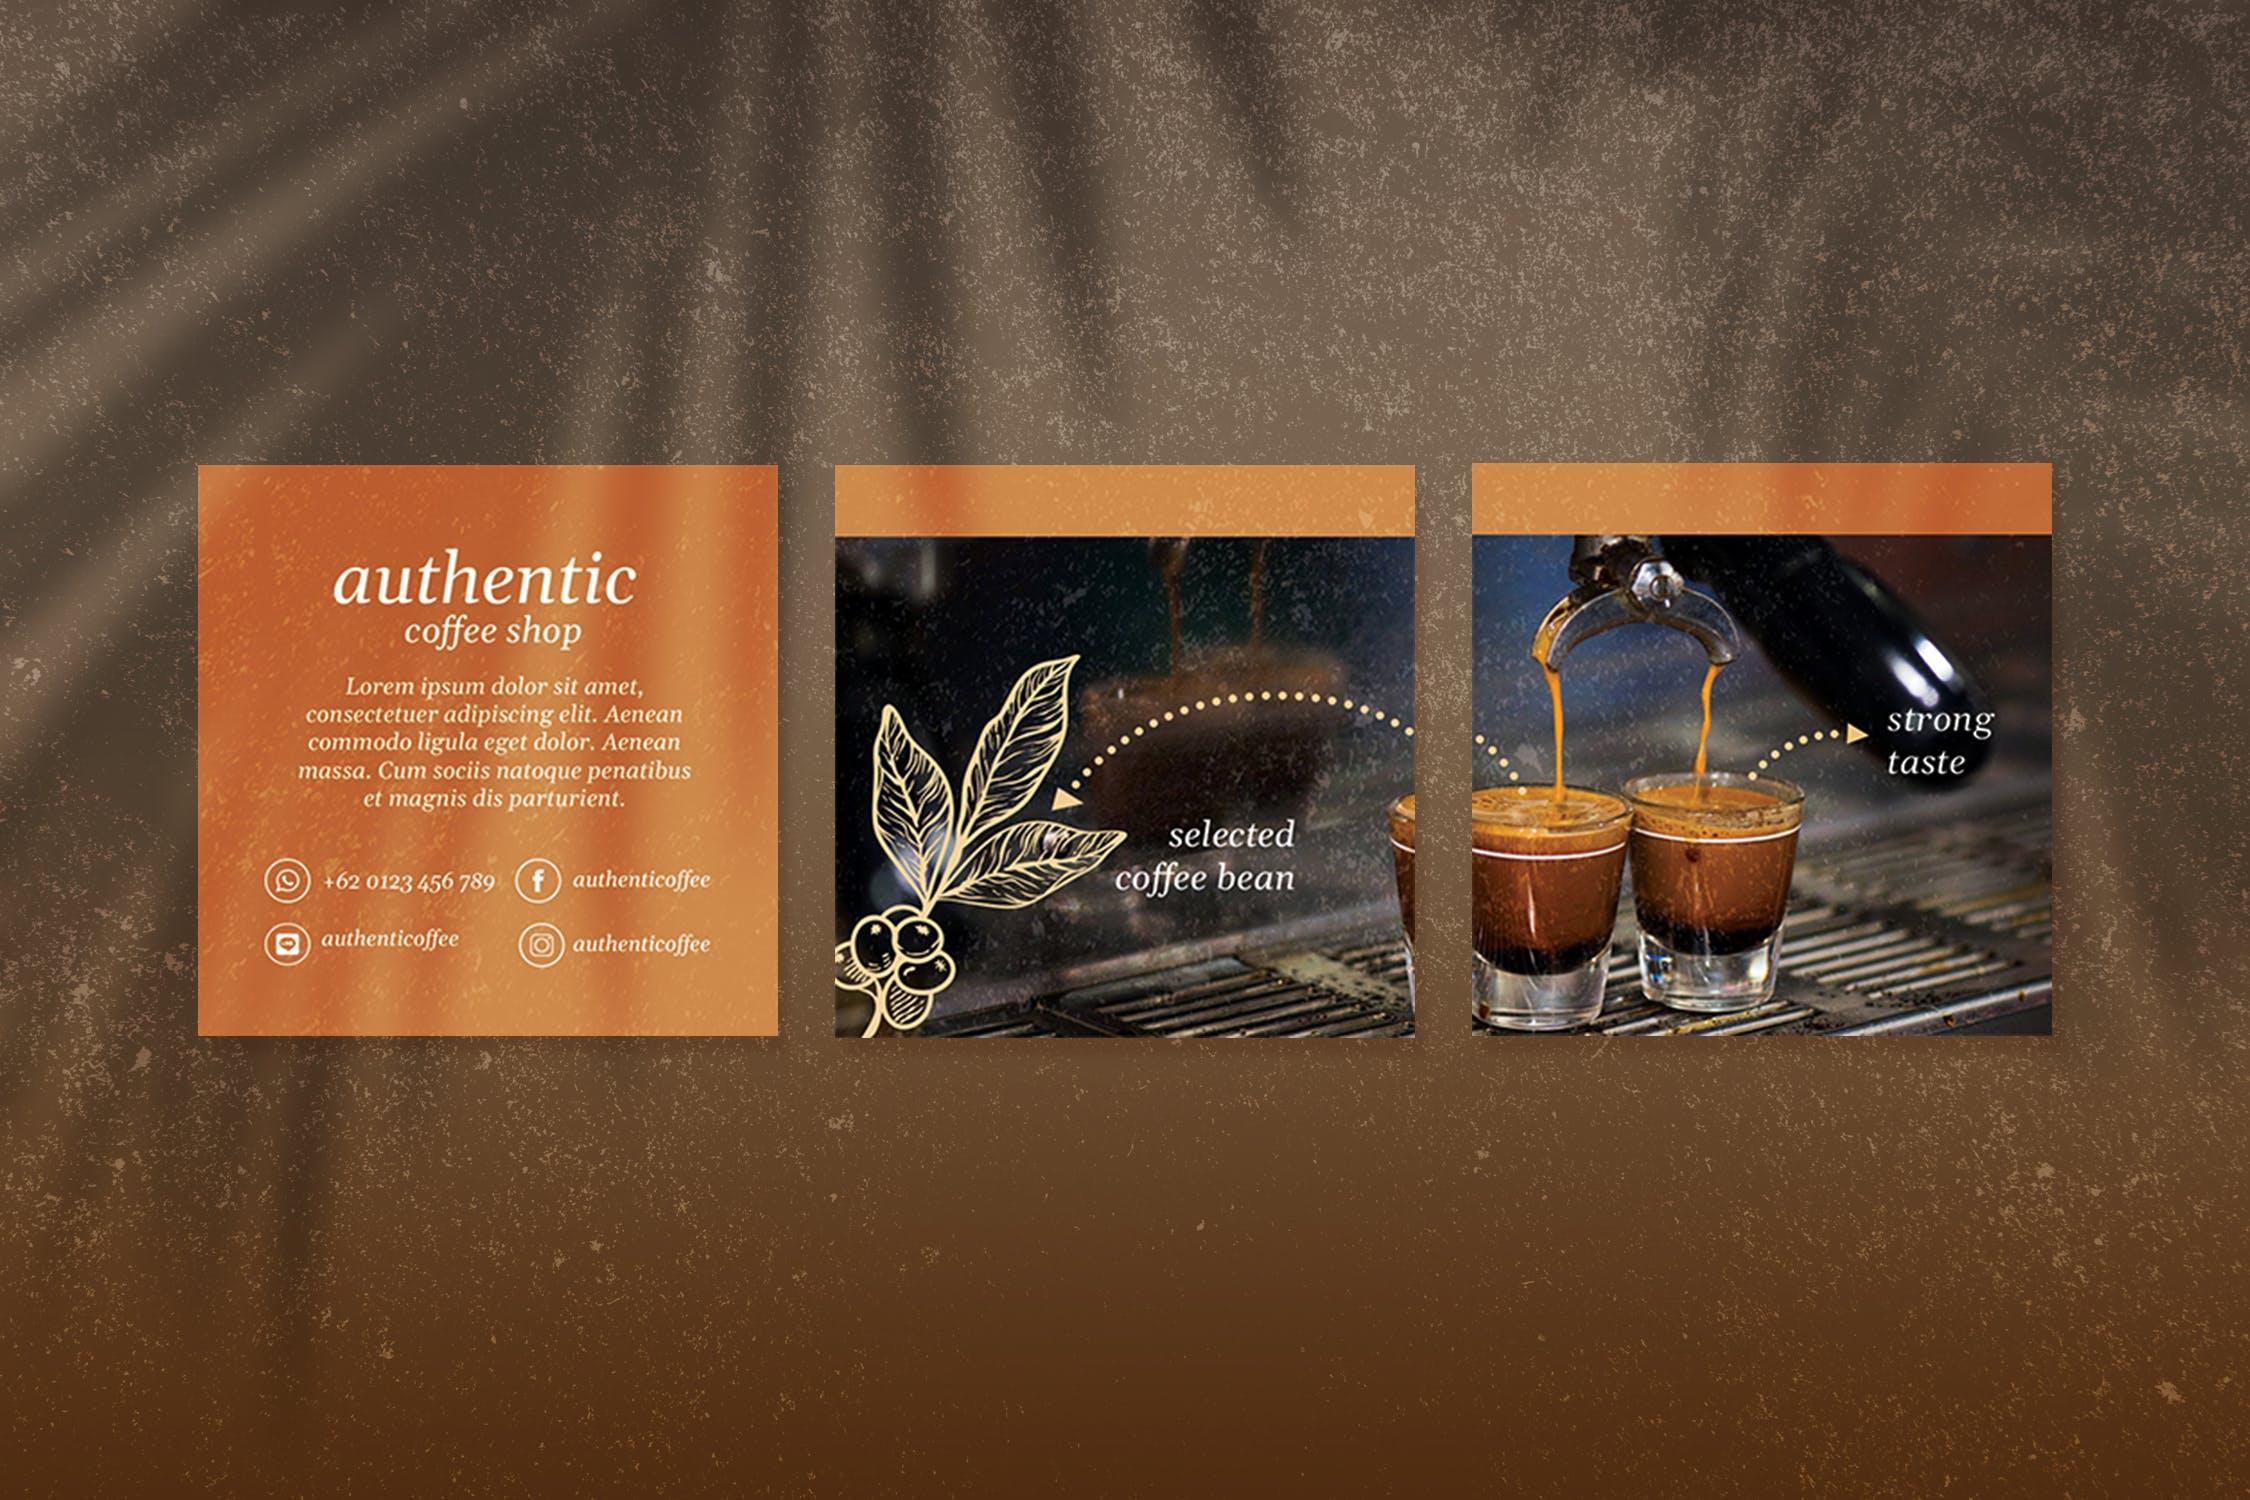 时尚咖啡店品牌推广新媒体海报设计模板 Autenthic Coffee Cafe – Instagram Puzzle插图(4)